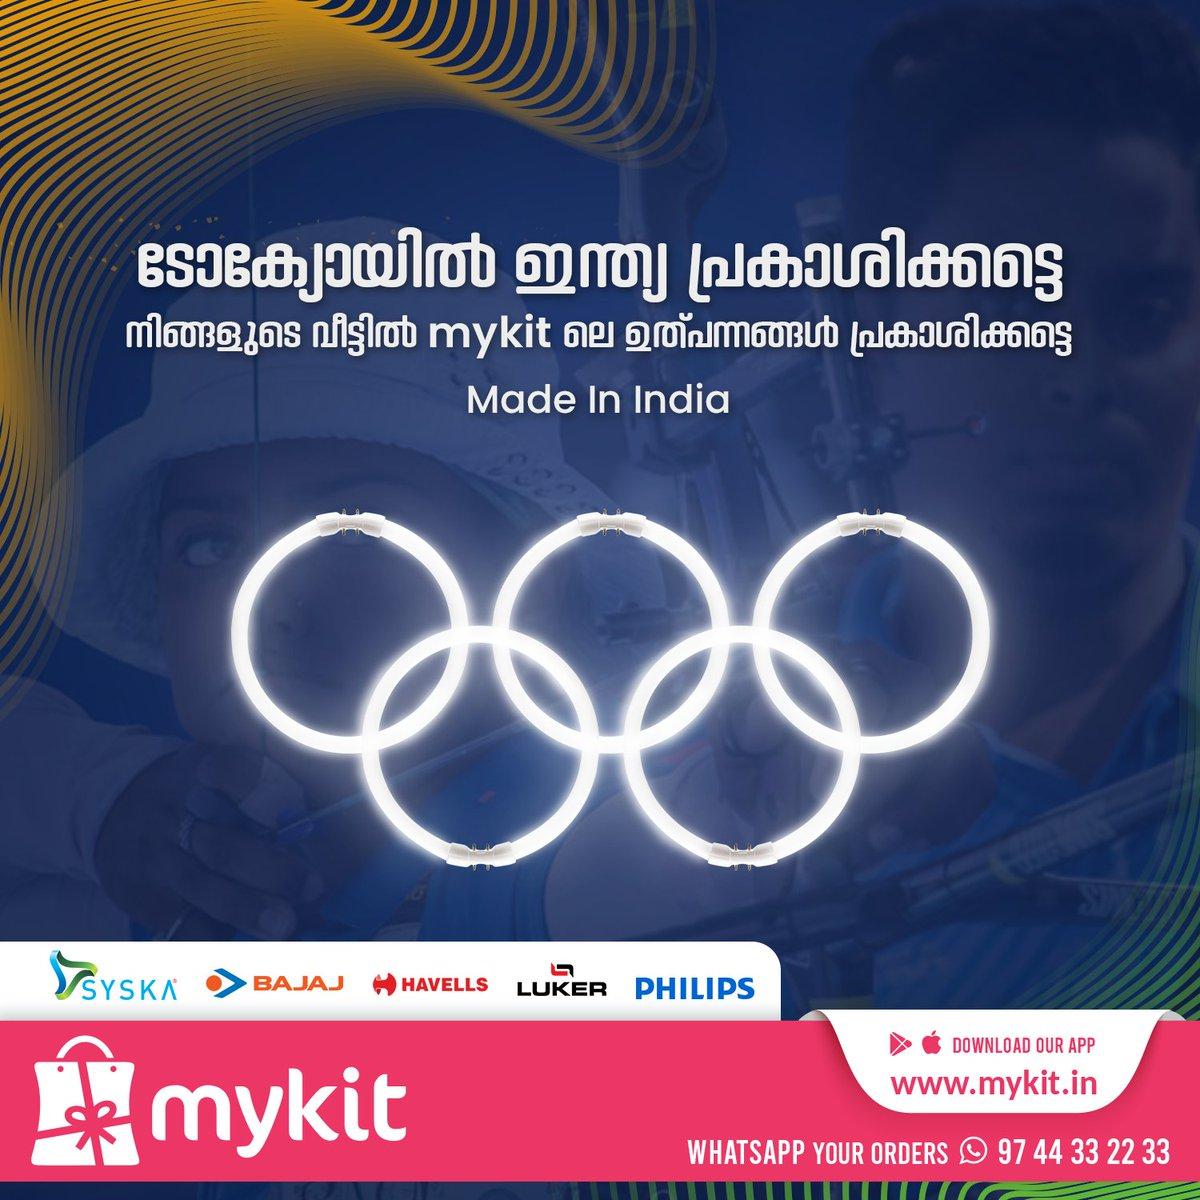 ടോക്യോയിൽ ഇന്ത്യ പ്രകാശിക്കട്ടെ നിങ്ങളുടെ വീട്ടിൽ mykit ലെ ഉത്പന്നങ്ങൾ പ്രകാശിക്കട്ടെ Made In India Visit now : https://t.co/RZdqLybV7N  #mykitcart #mykit #olympics #tokyo #olympics2021 #onlineshopping #kannur #kerala #syska #bajaj #havells #luker #philips https://t.co/gstT2vPrcg